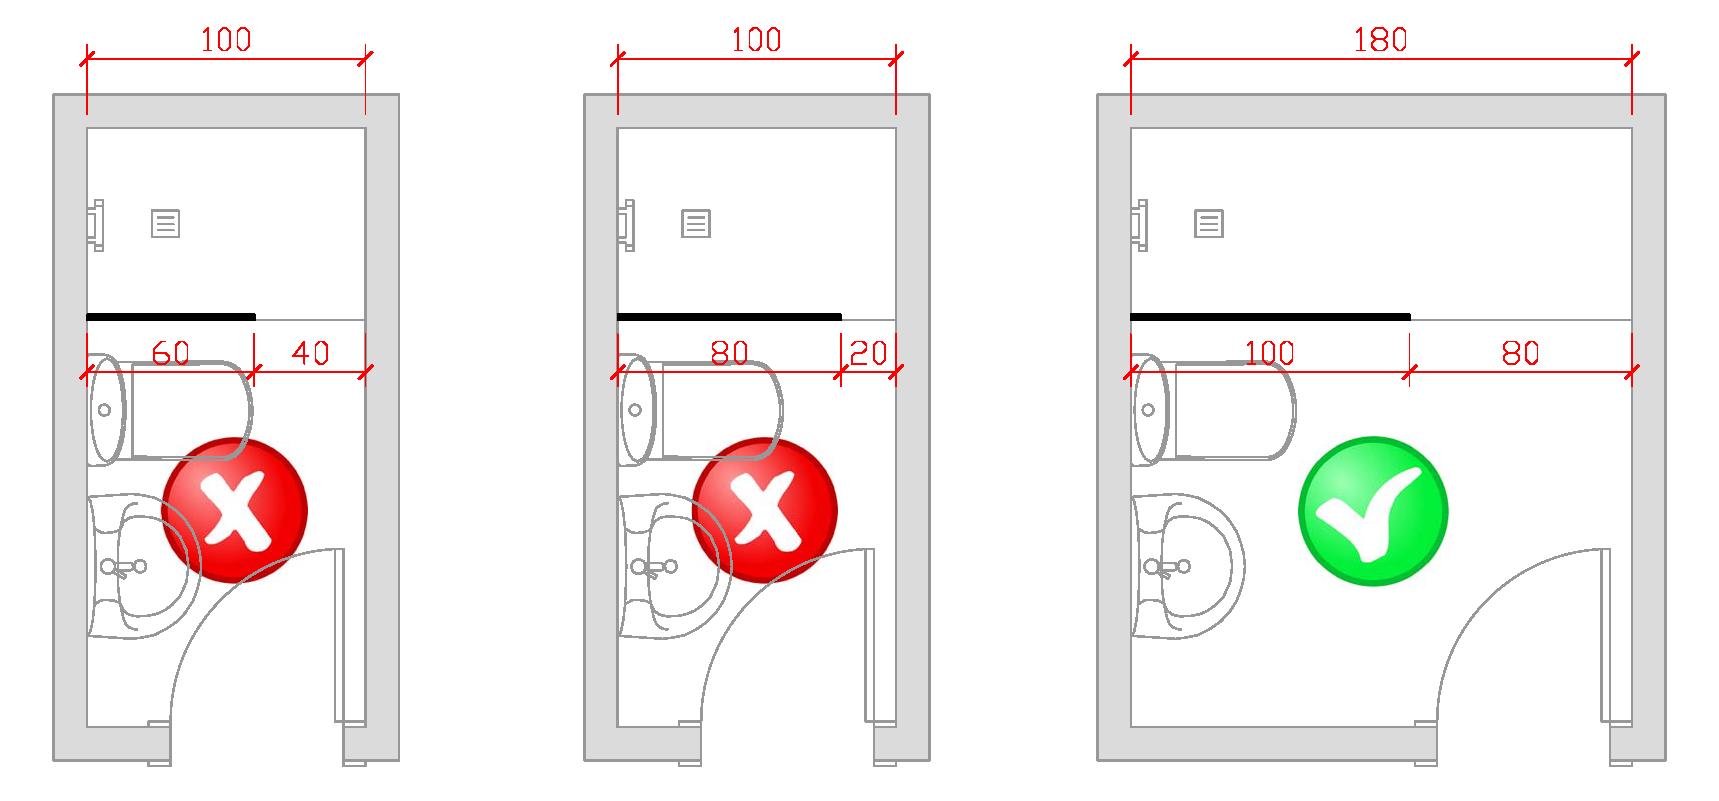 Mamparas de ducha parte 2 modelos y accesibilidad aqua - Medidas de duchas ...